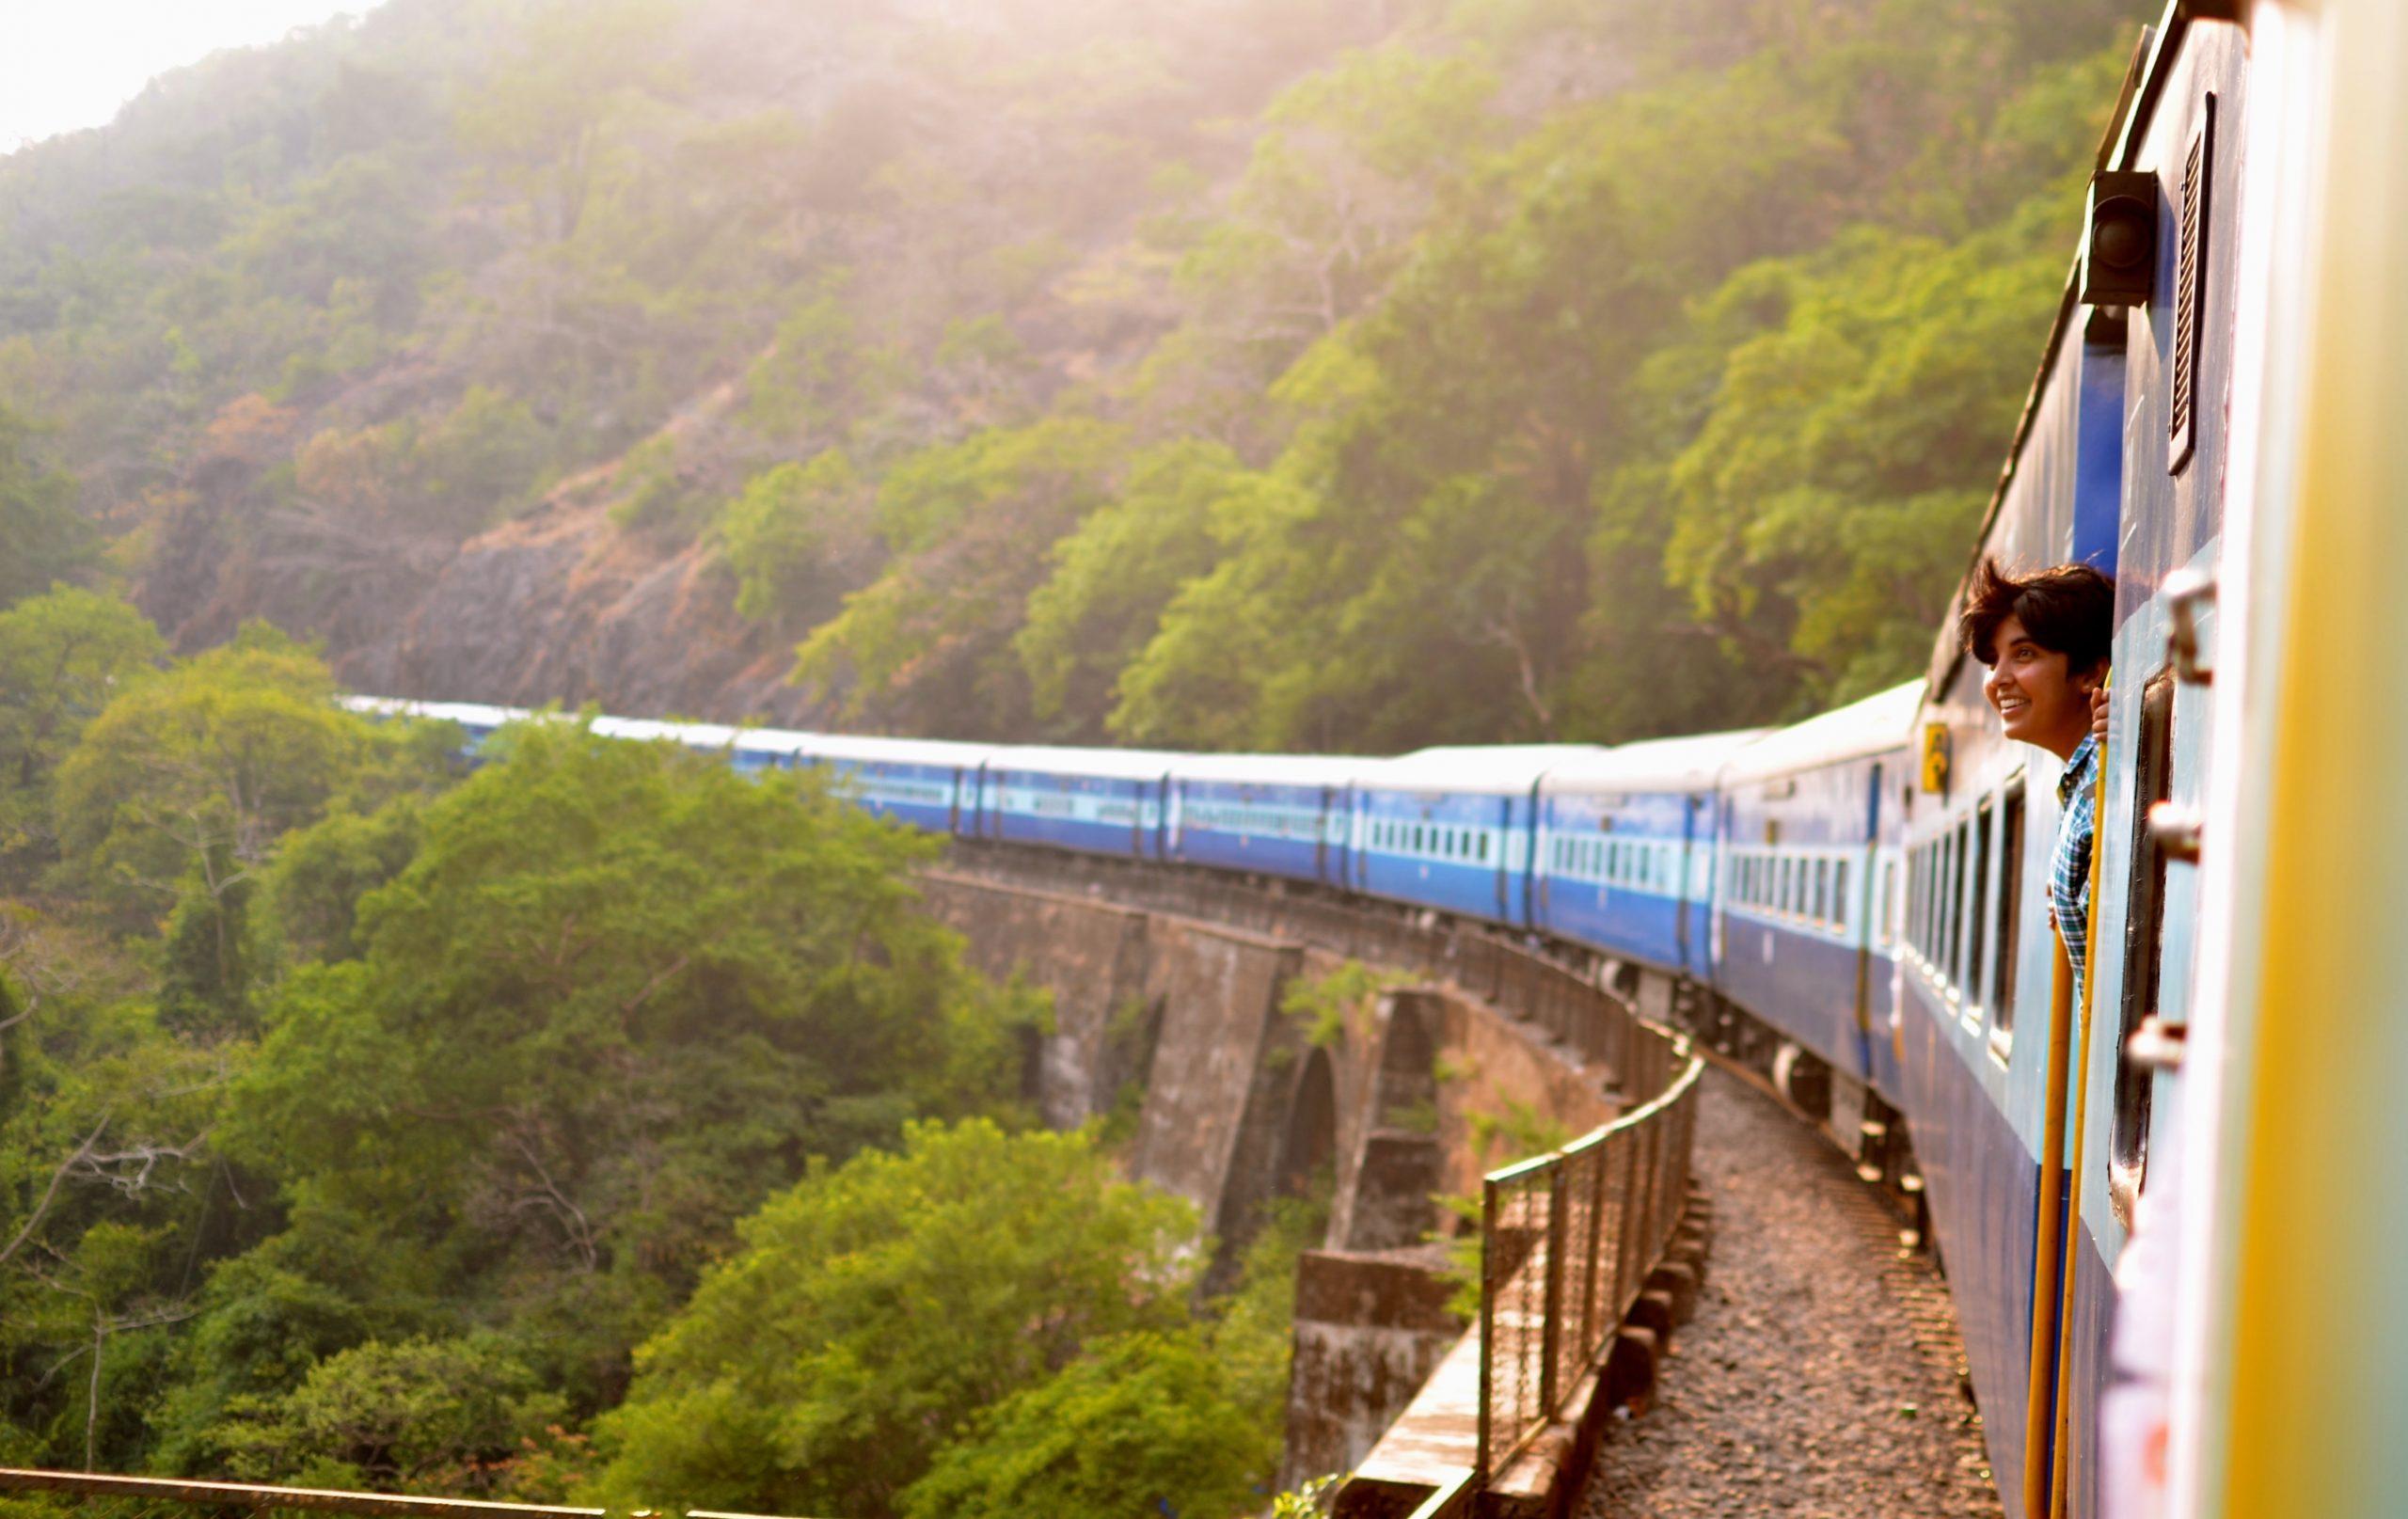 Zug in Indien, Person guckt aus dem Fenster